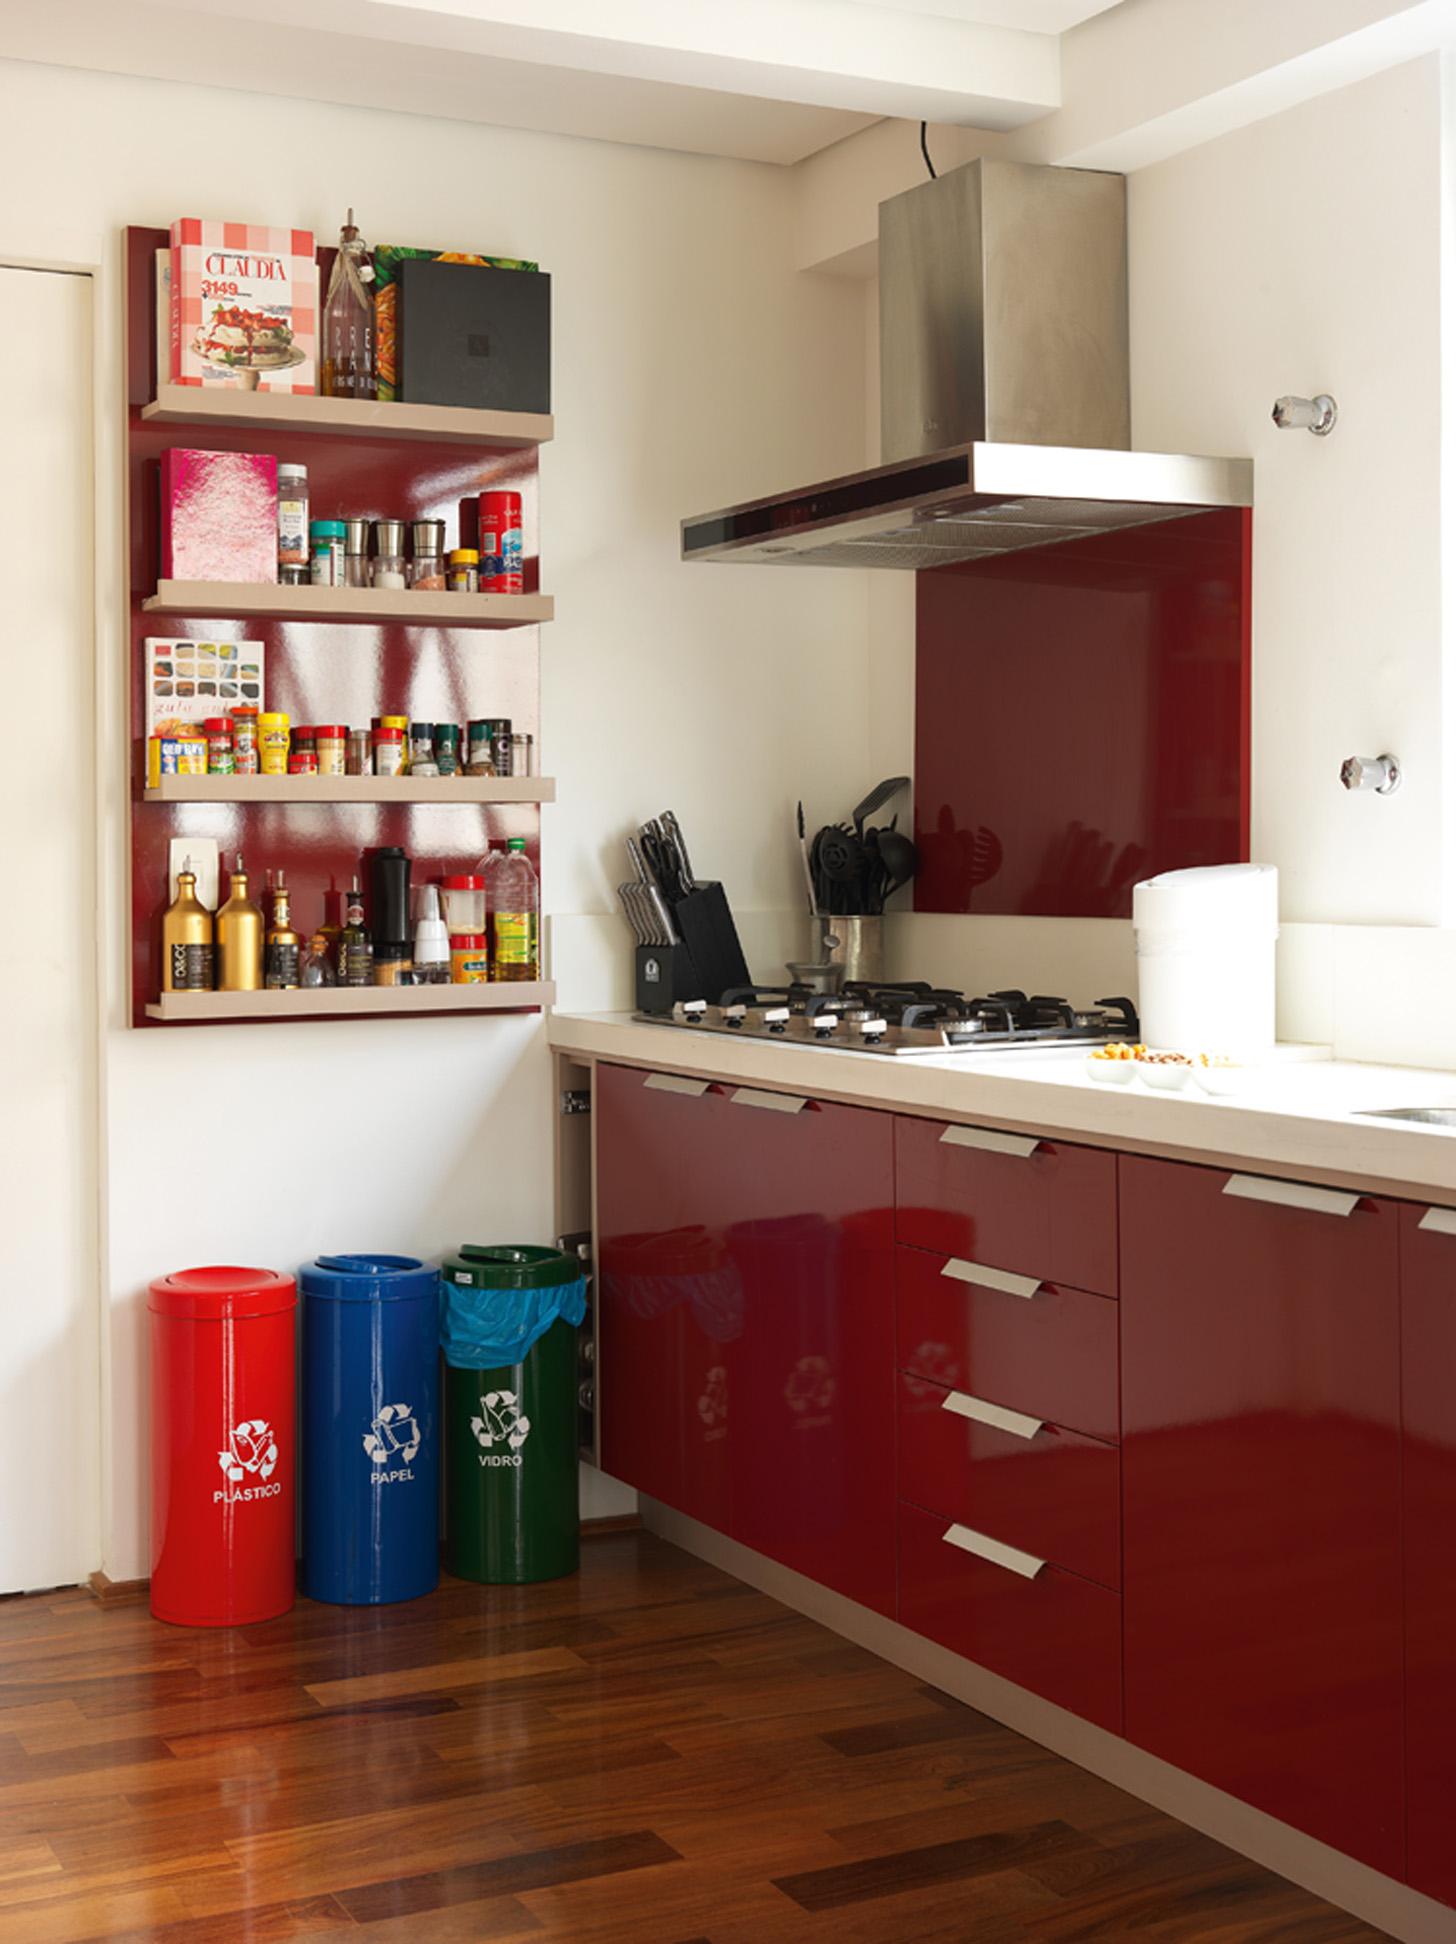 Sob medida: A cozinha e toda a marcenaria embutida foram feitas pela Marcenaria Navarro. Os lixinhos são da Leroy Merlin